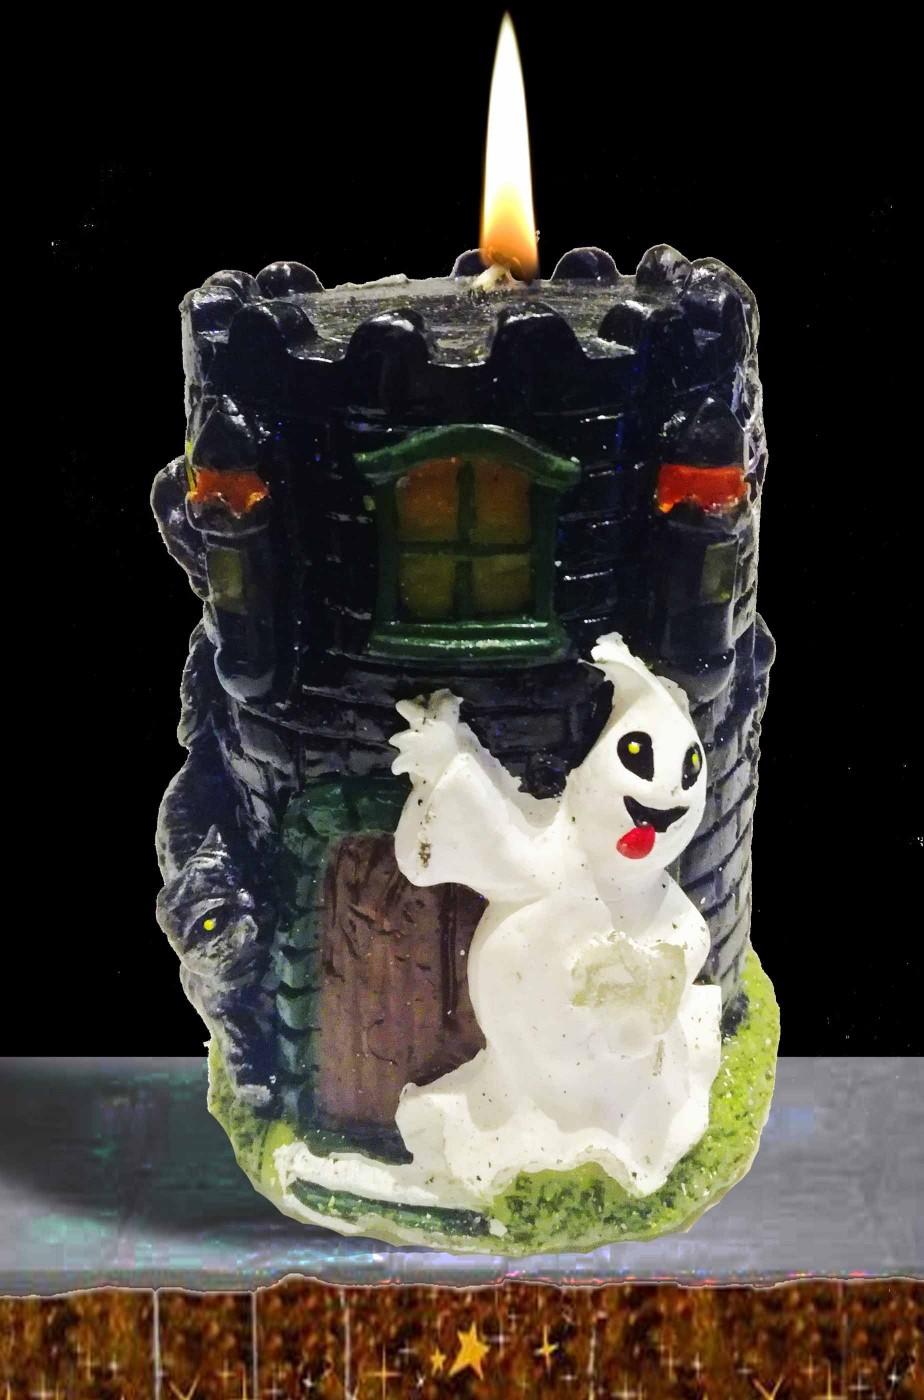 Candela halloween a torre con fantasma e gatto nero